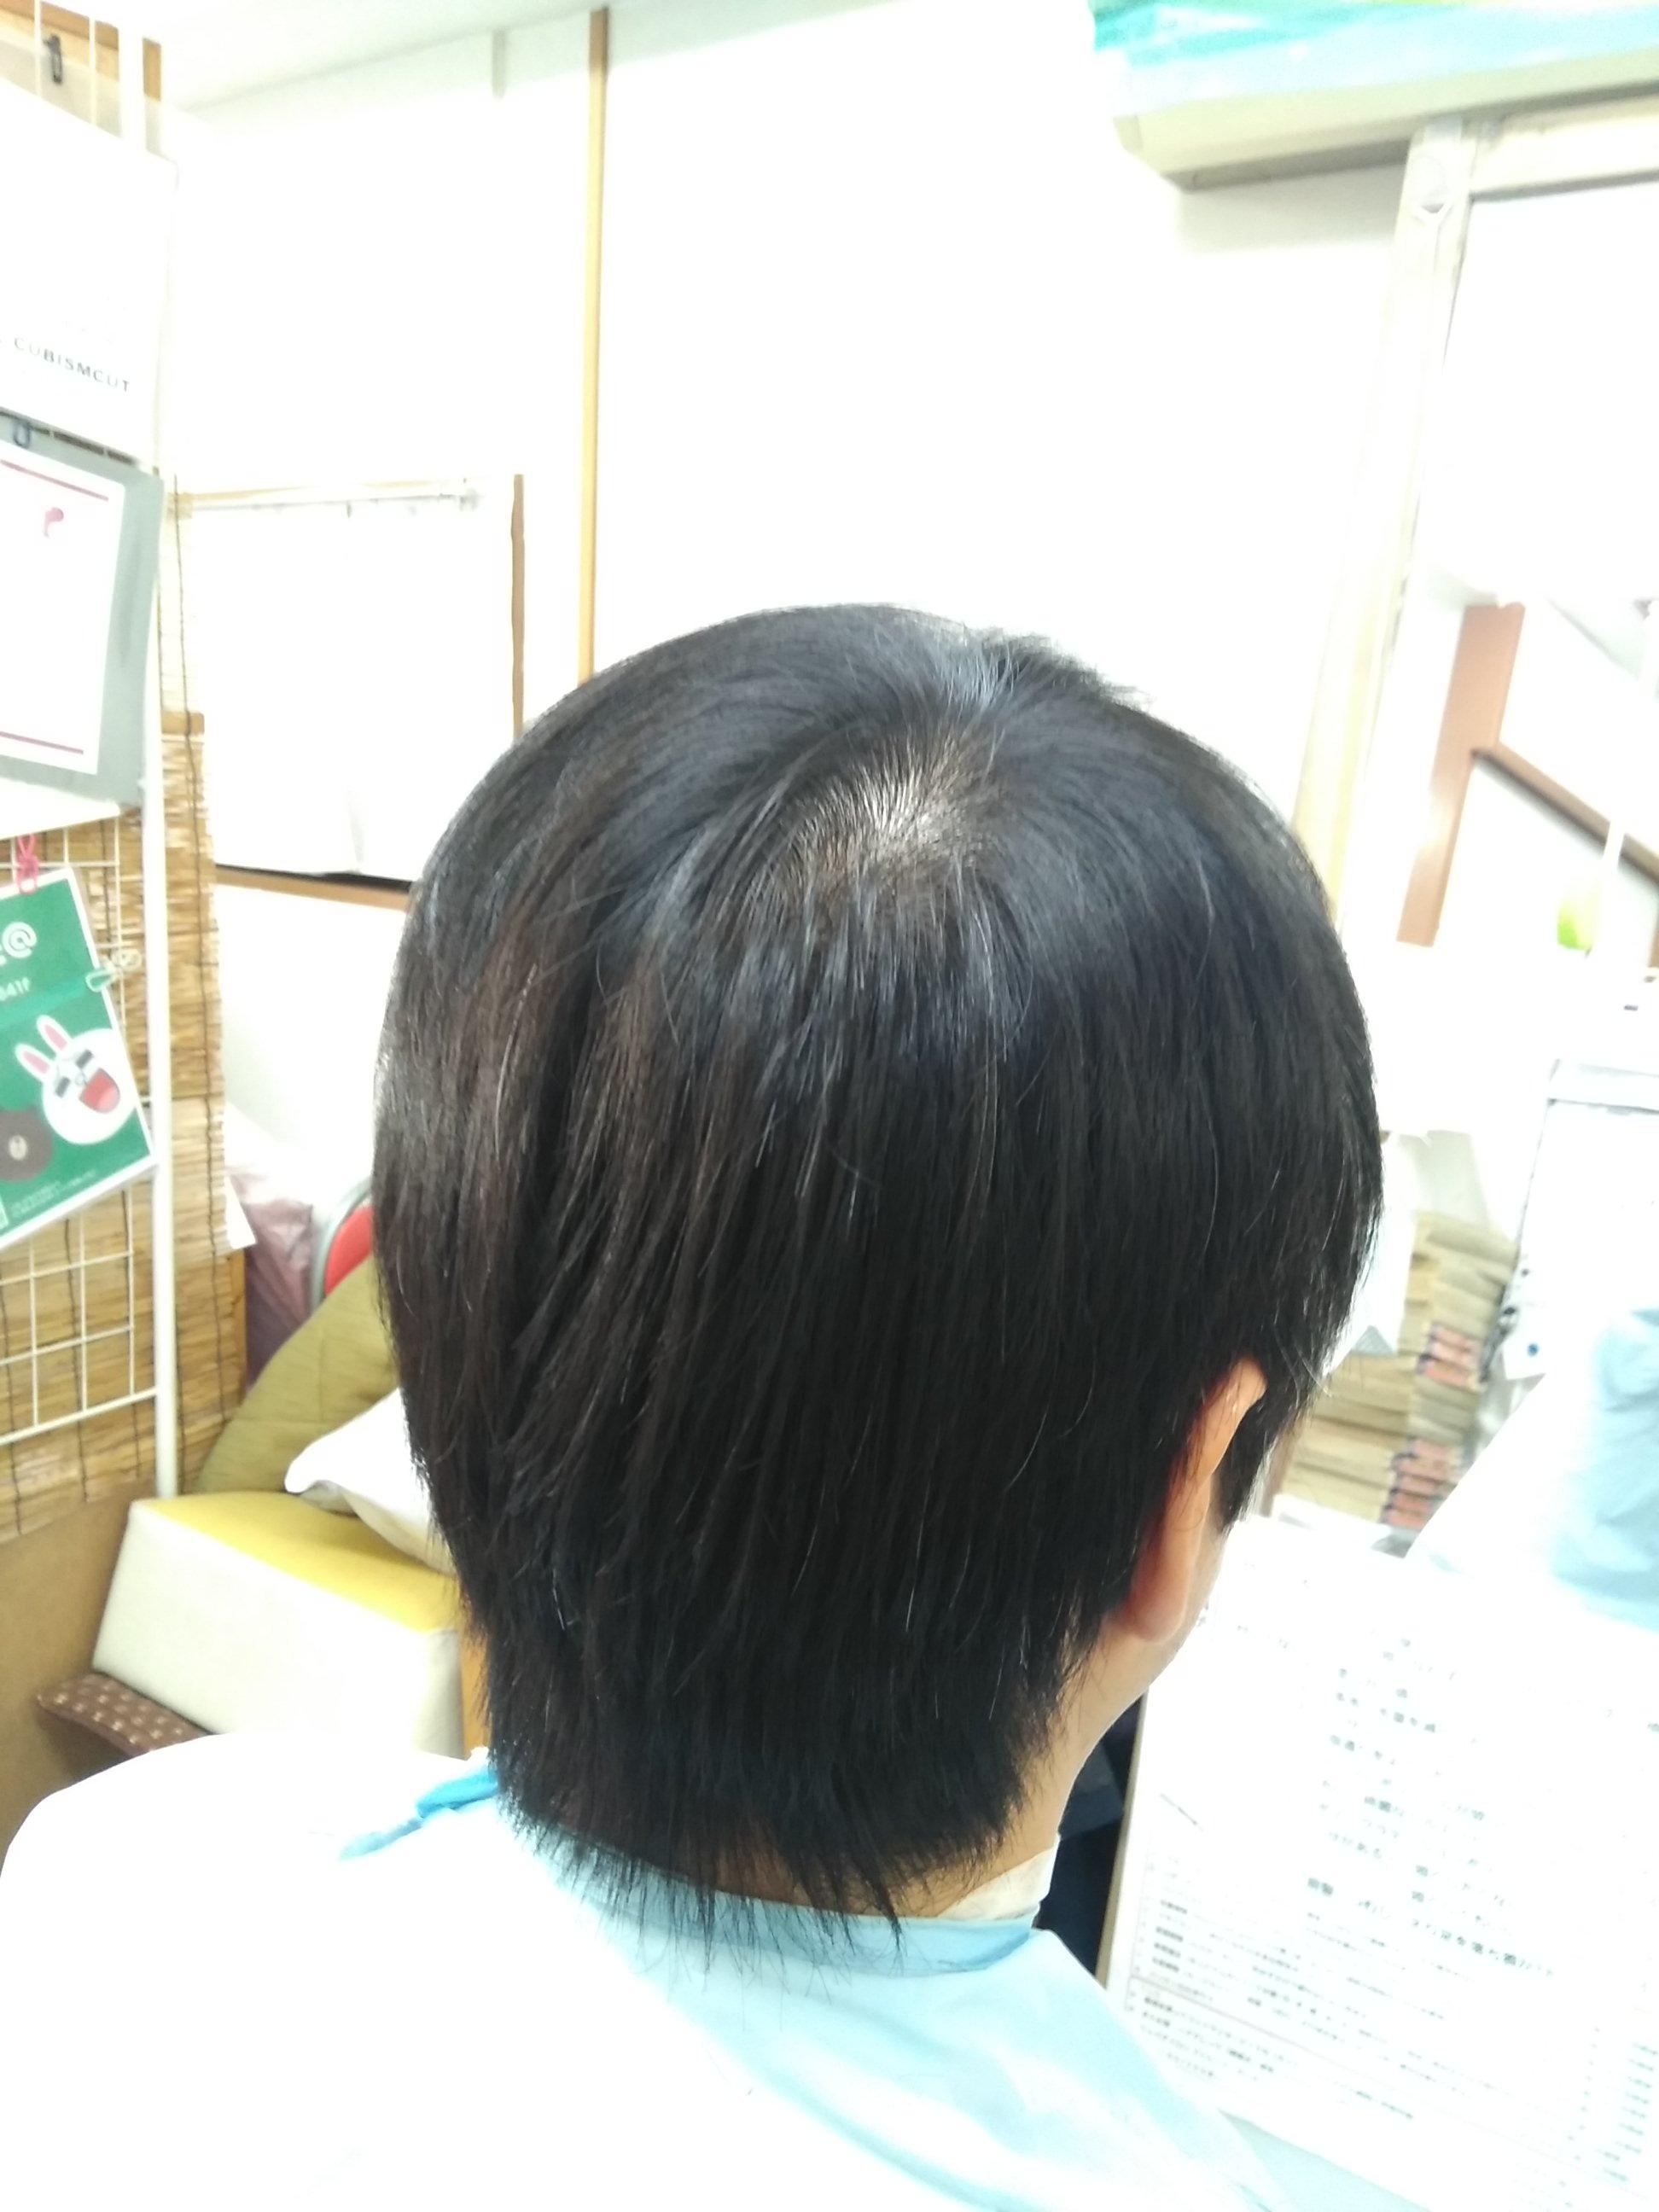 キュビズムカット くせ毛 ⑥ 200110